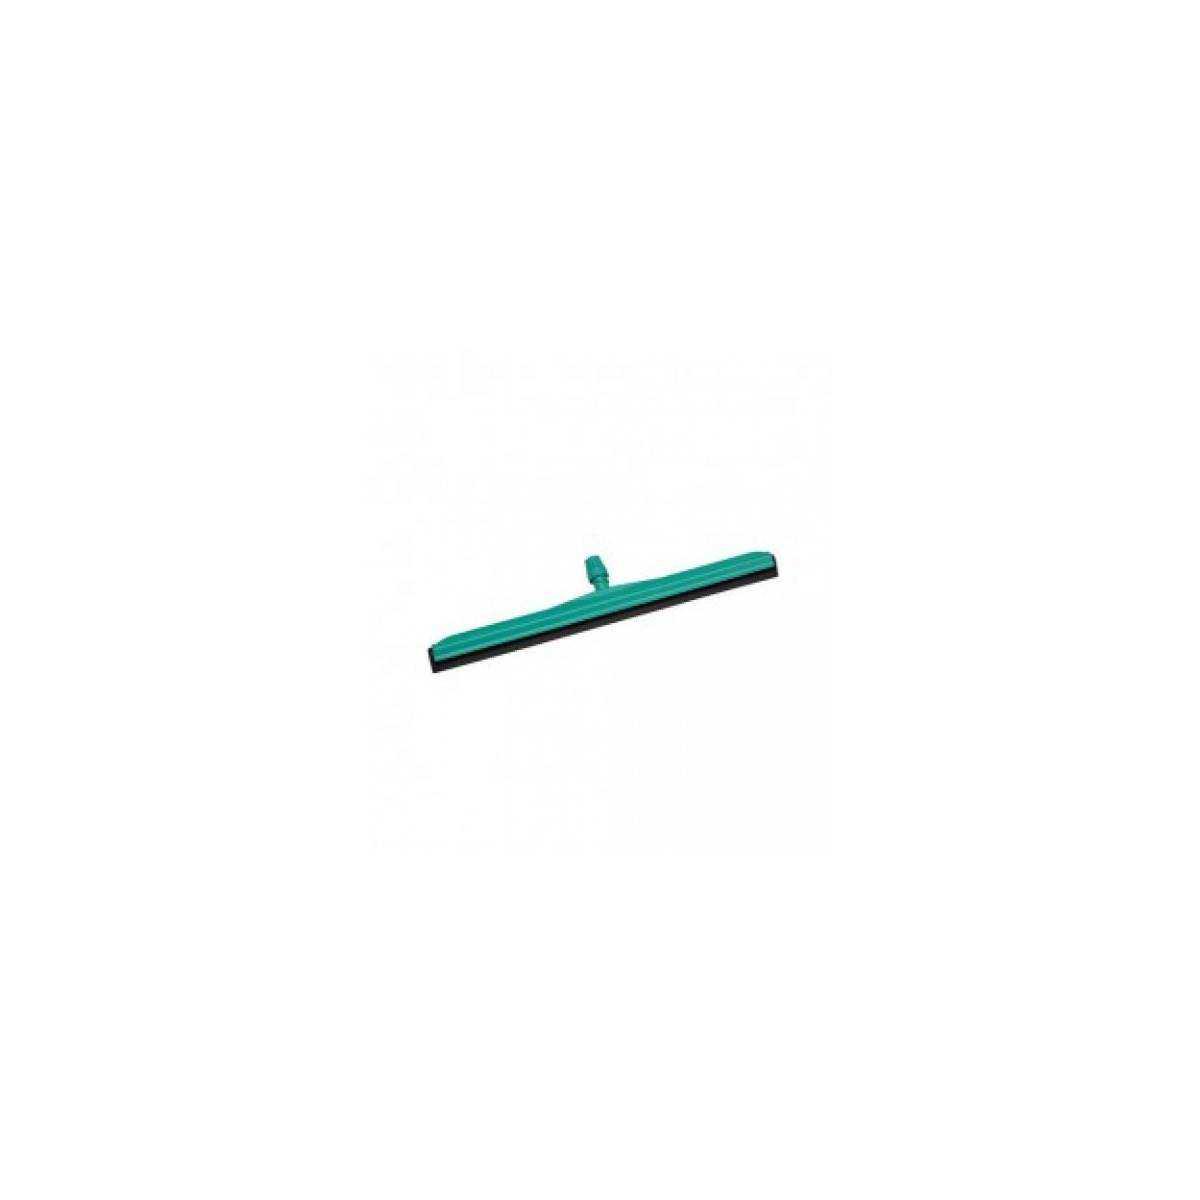 Скребок для сгона воды с пола полипропиленовый 55см (Зеленого цвета) 00008632 TTS